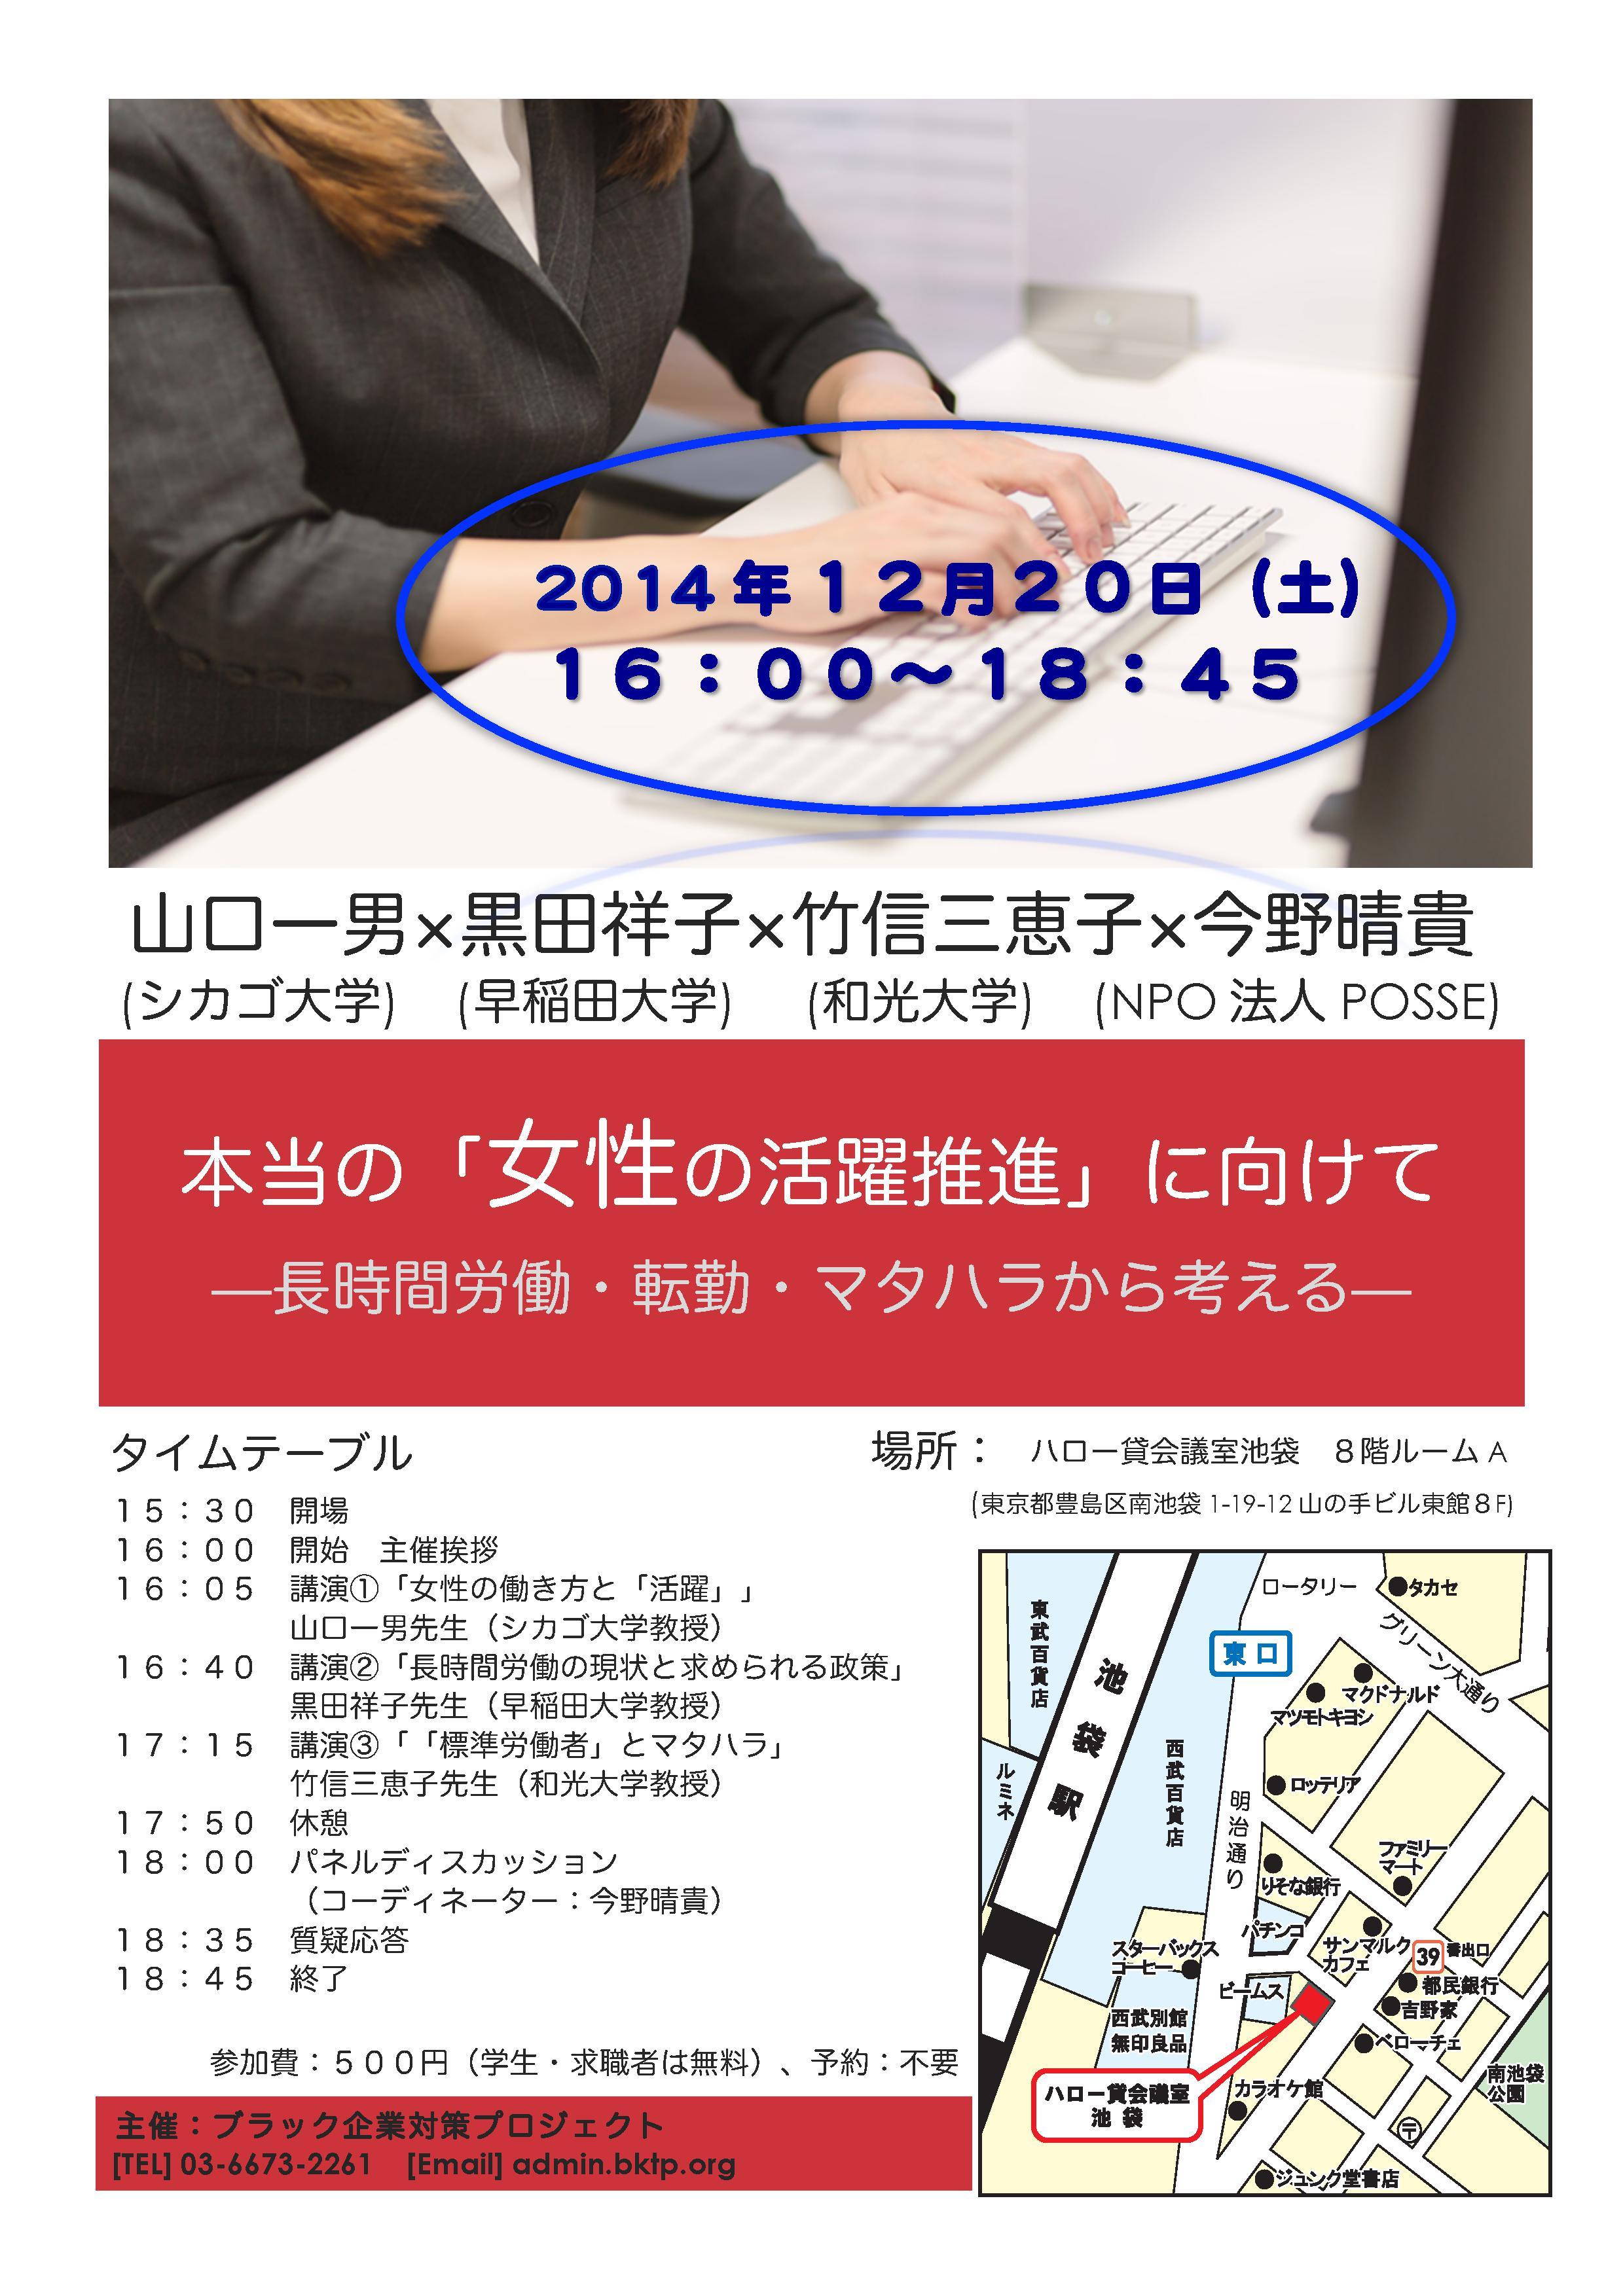 141220シンポ宣伝チラシ修正